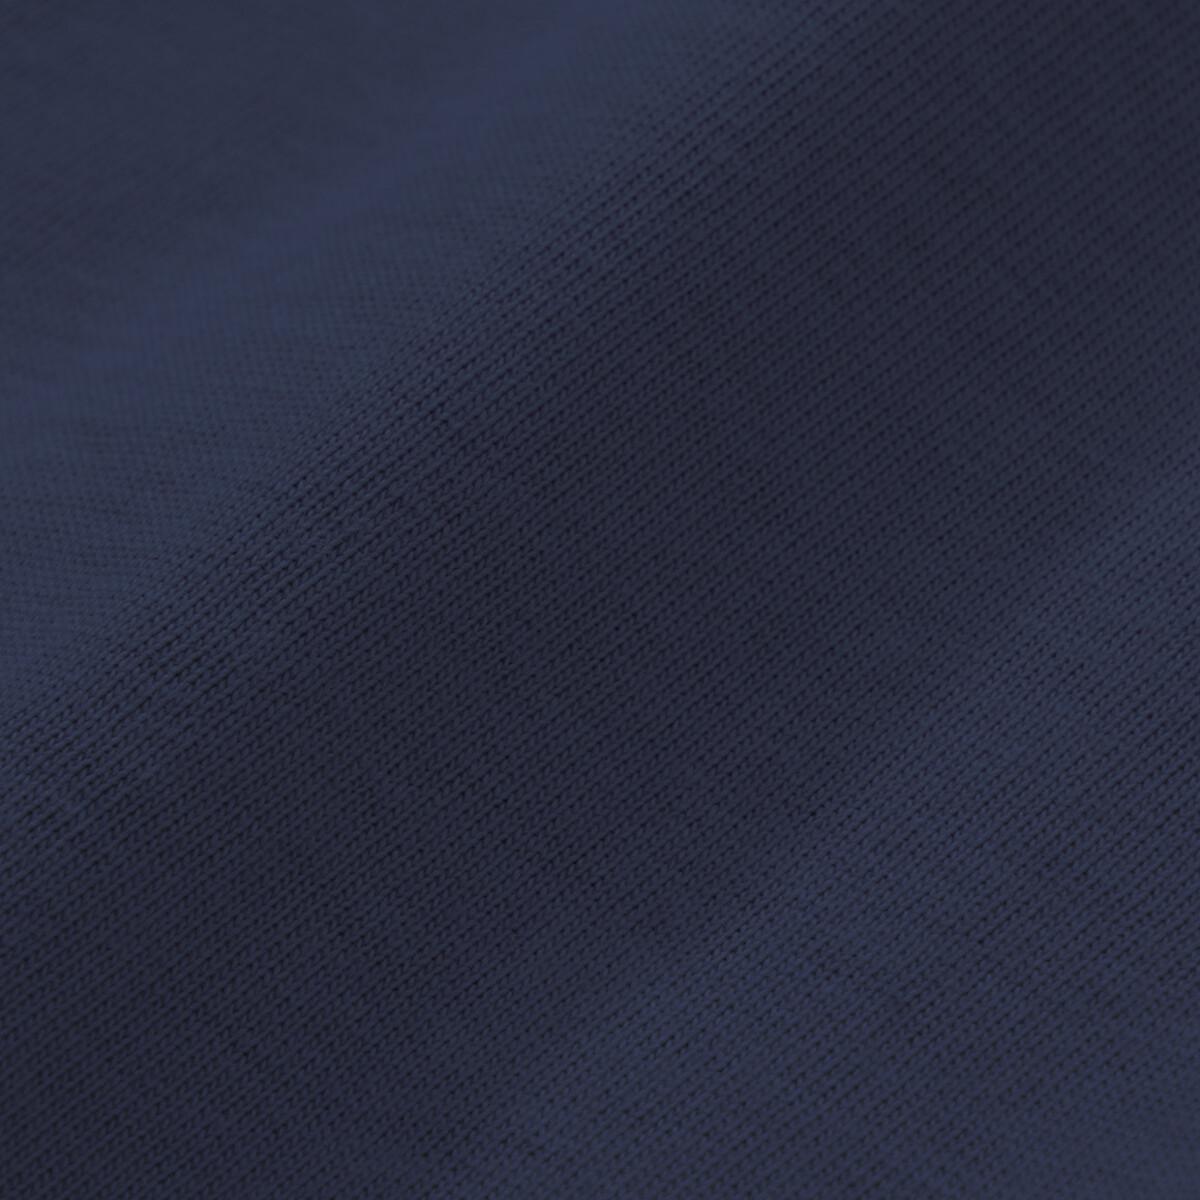 Bild 5 von Mädchen Langarmshirt im Basic-Look